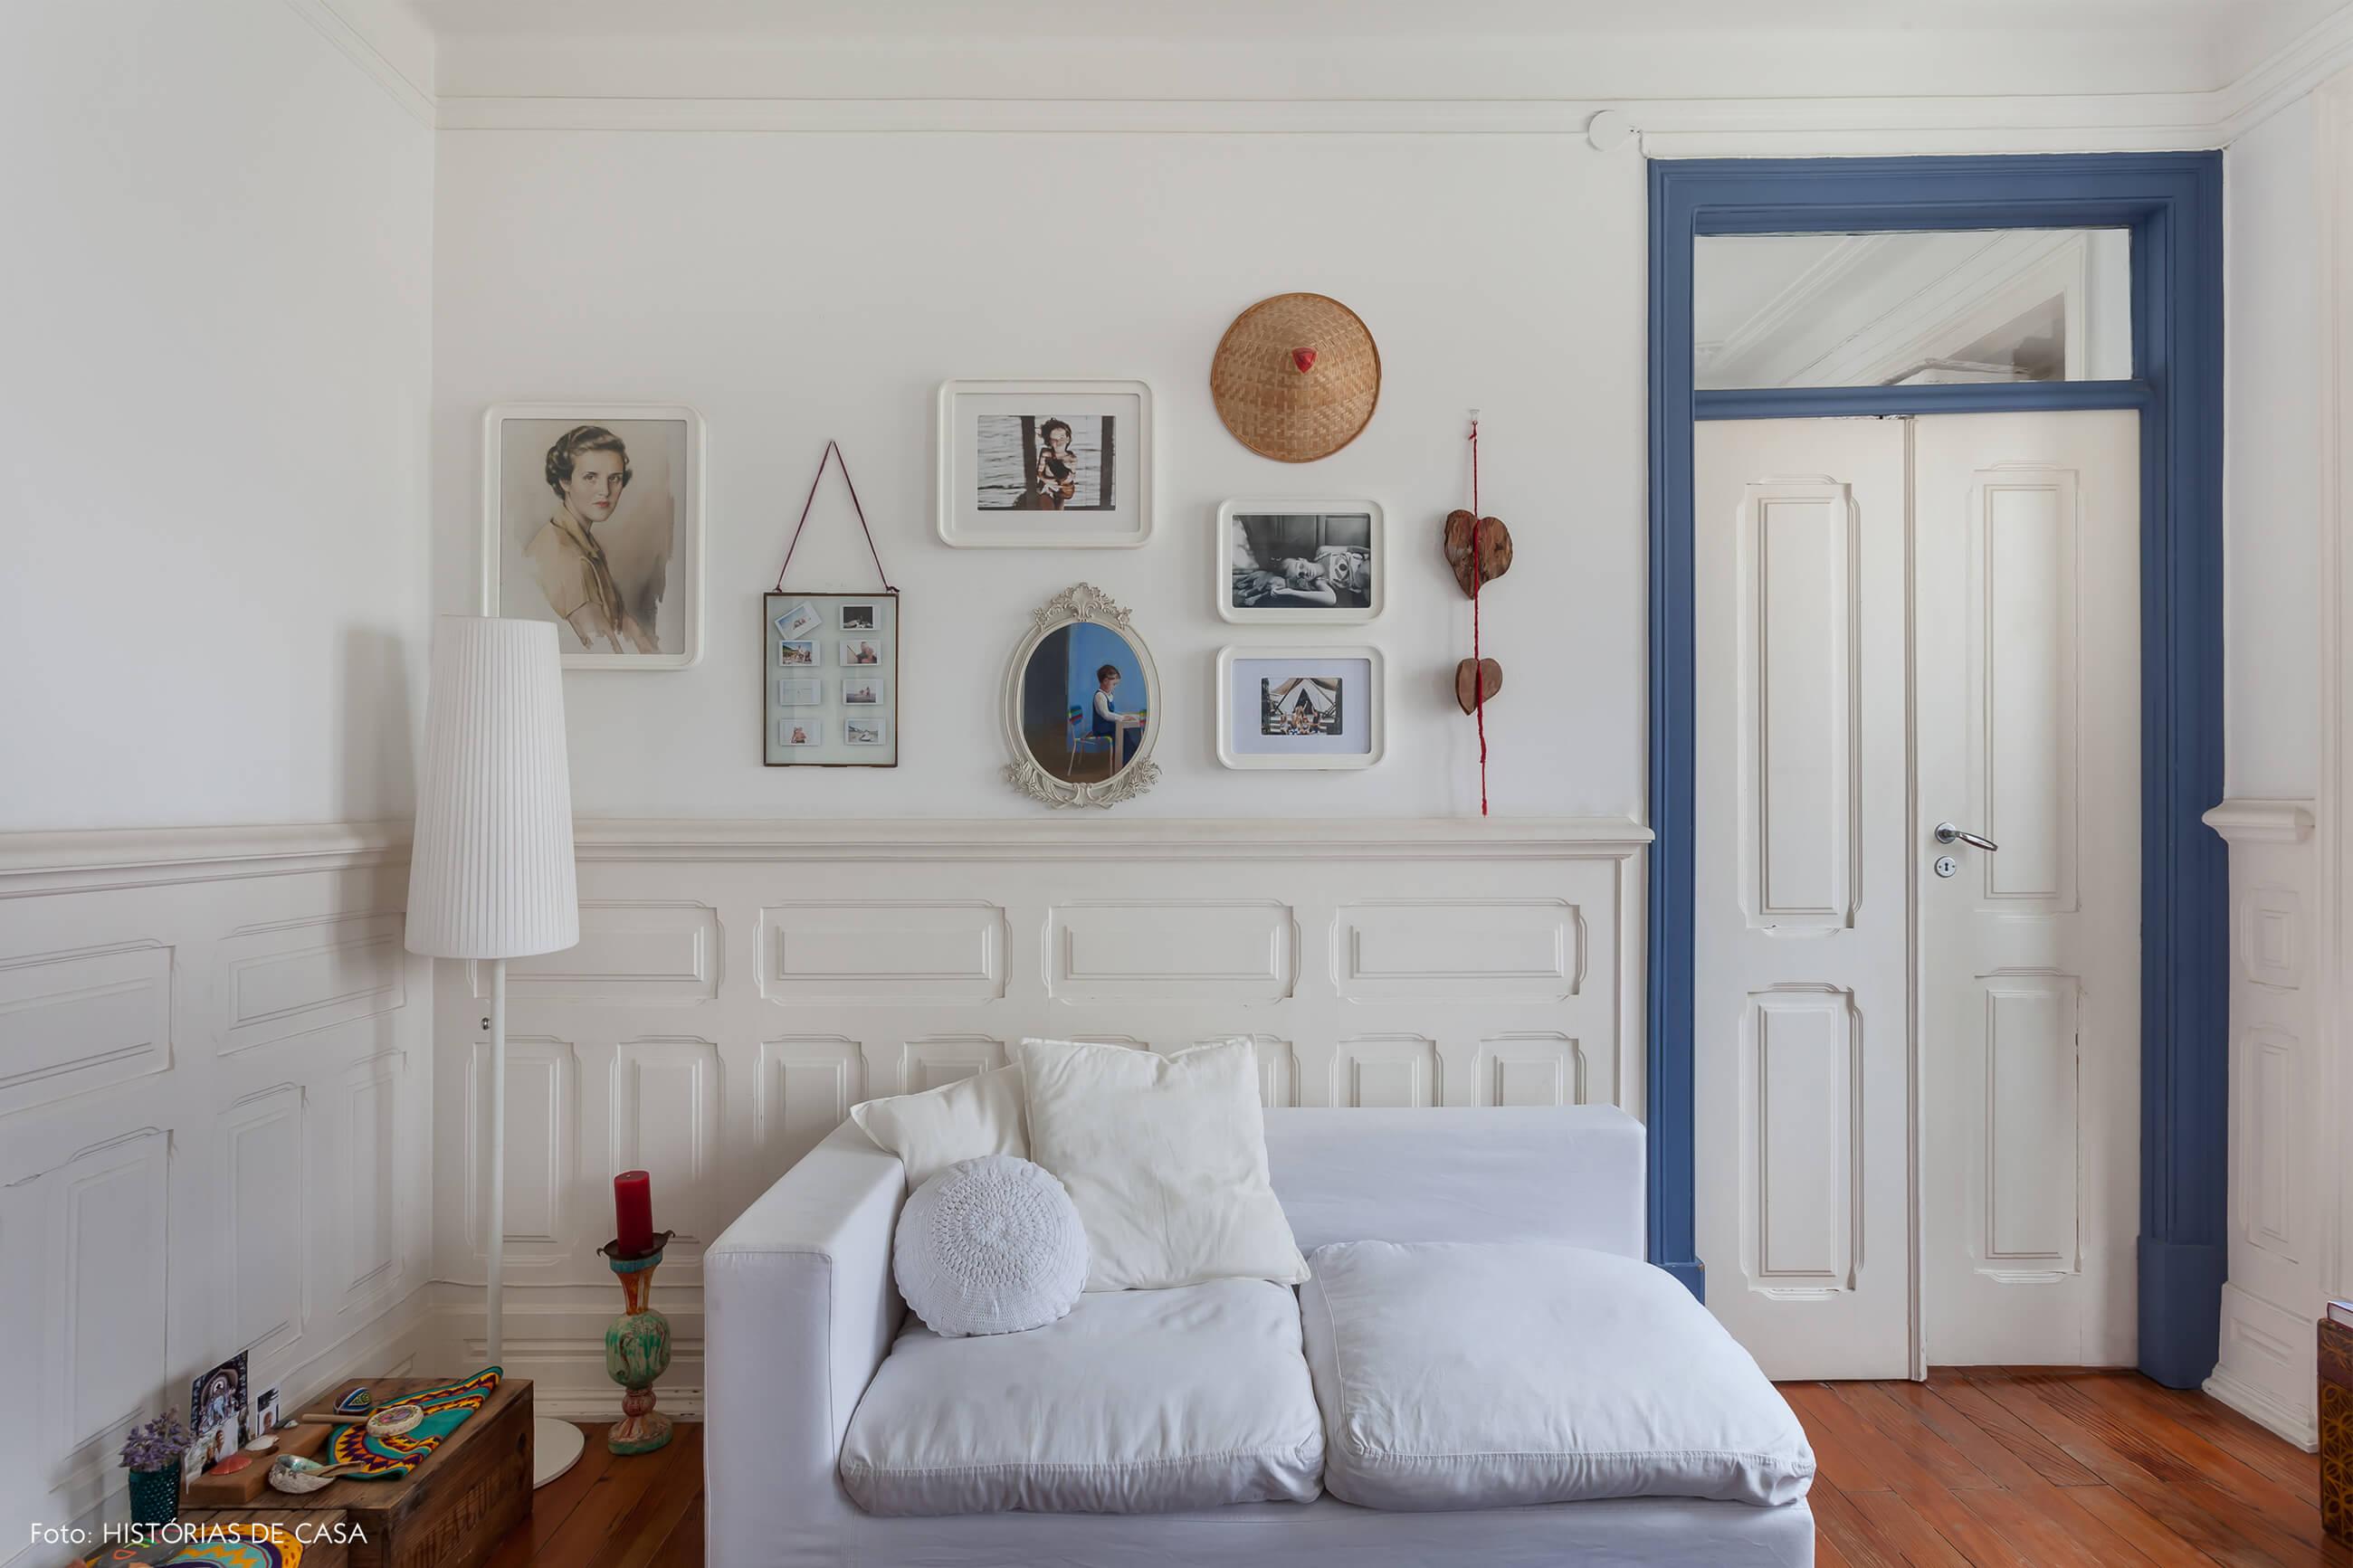 mariana-portugal-decoração-sala-branca-com-detalhes-azul-e-fotos